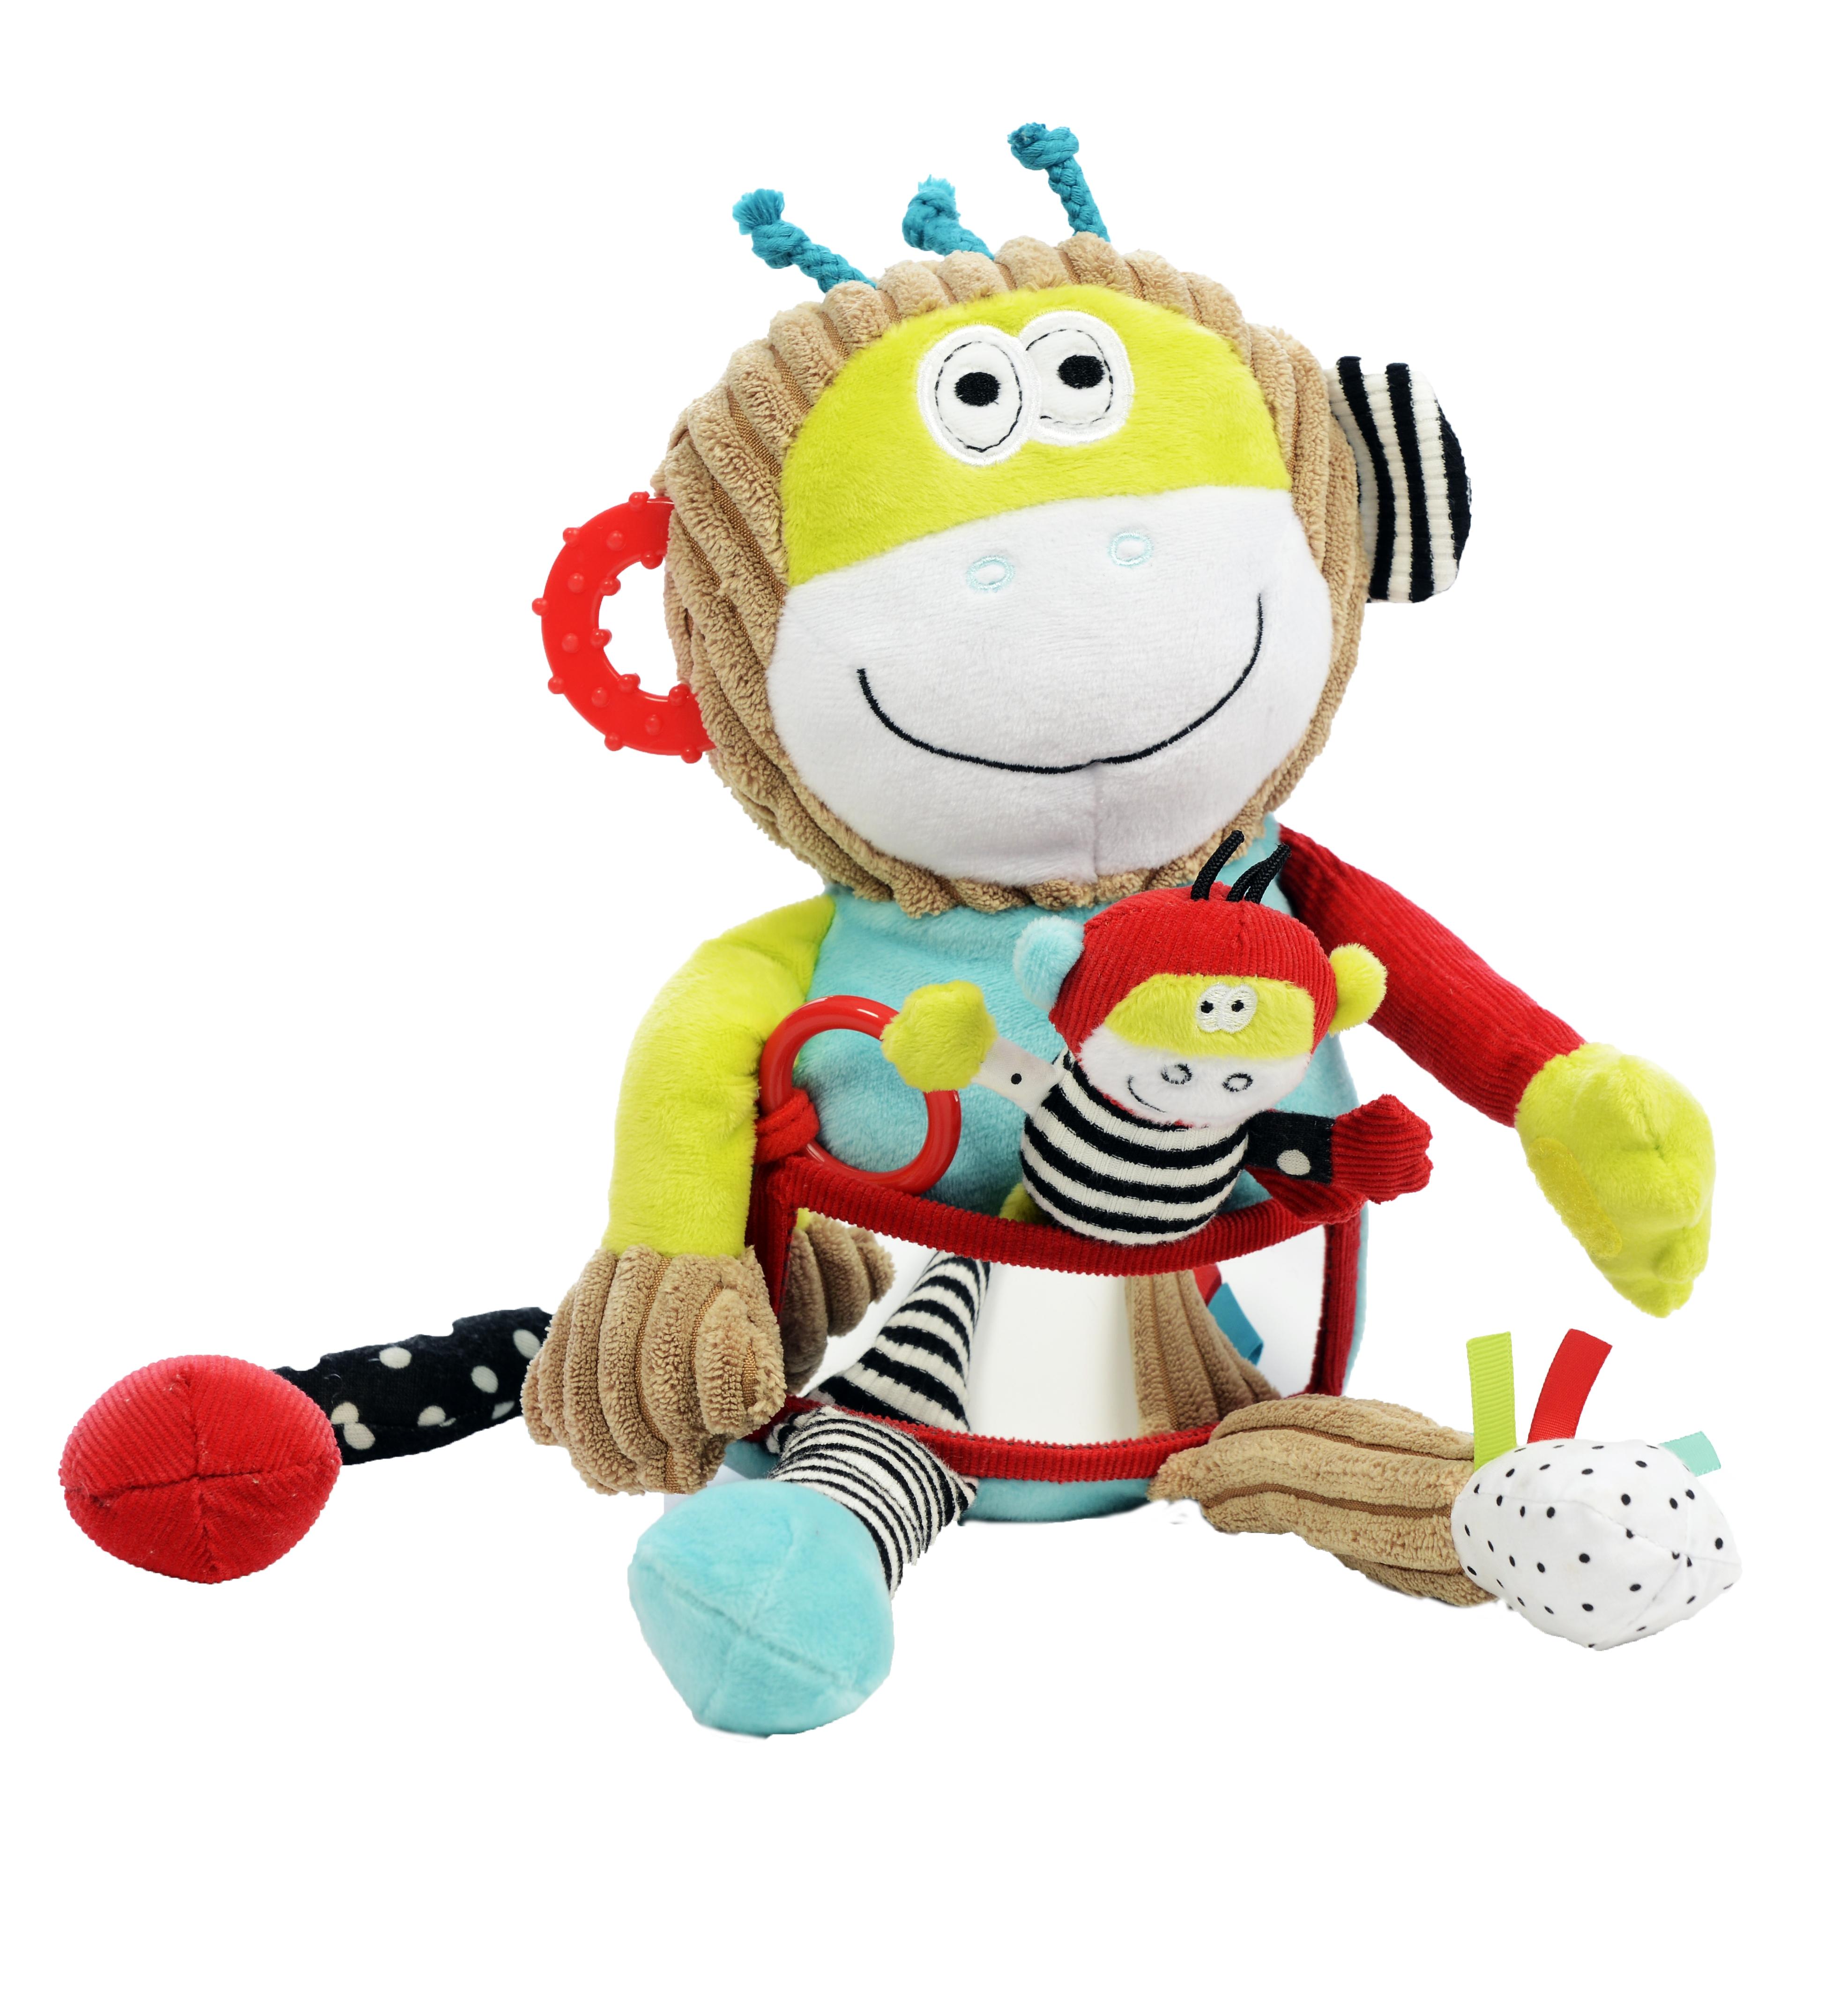 Maimuță cu pui, jucărie senzorială 0